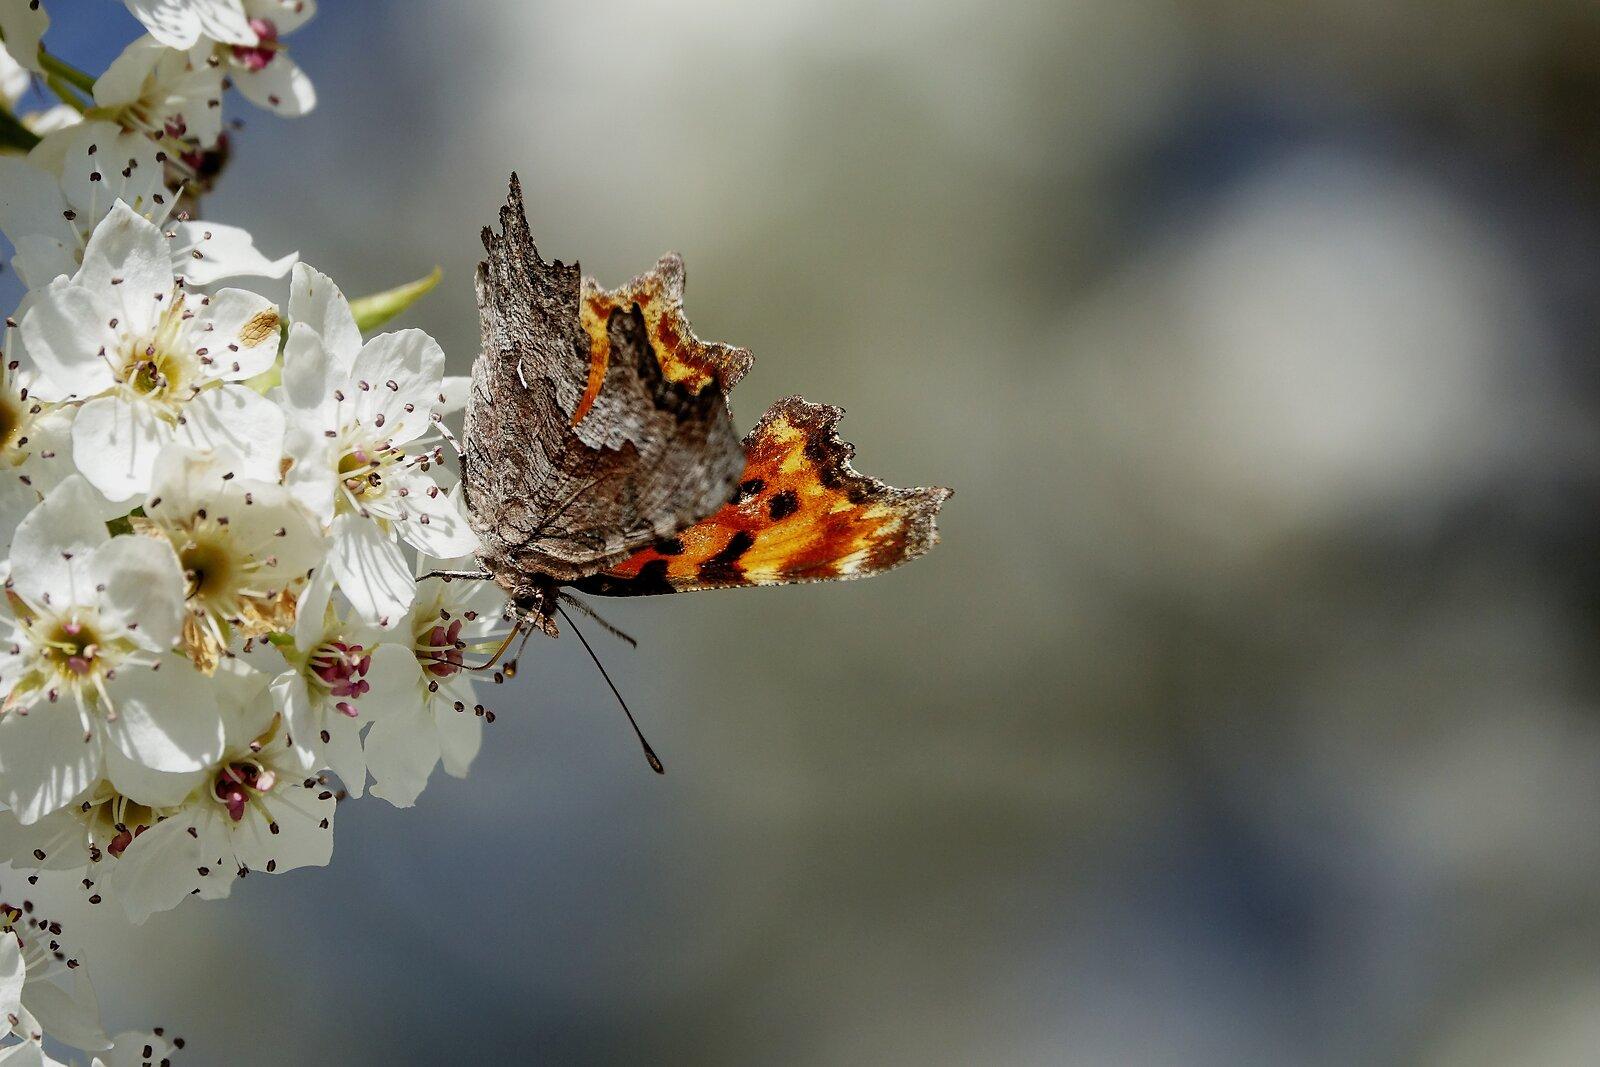 RX10_Mar31_21_Lustrous_copper_butterfly.jpg